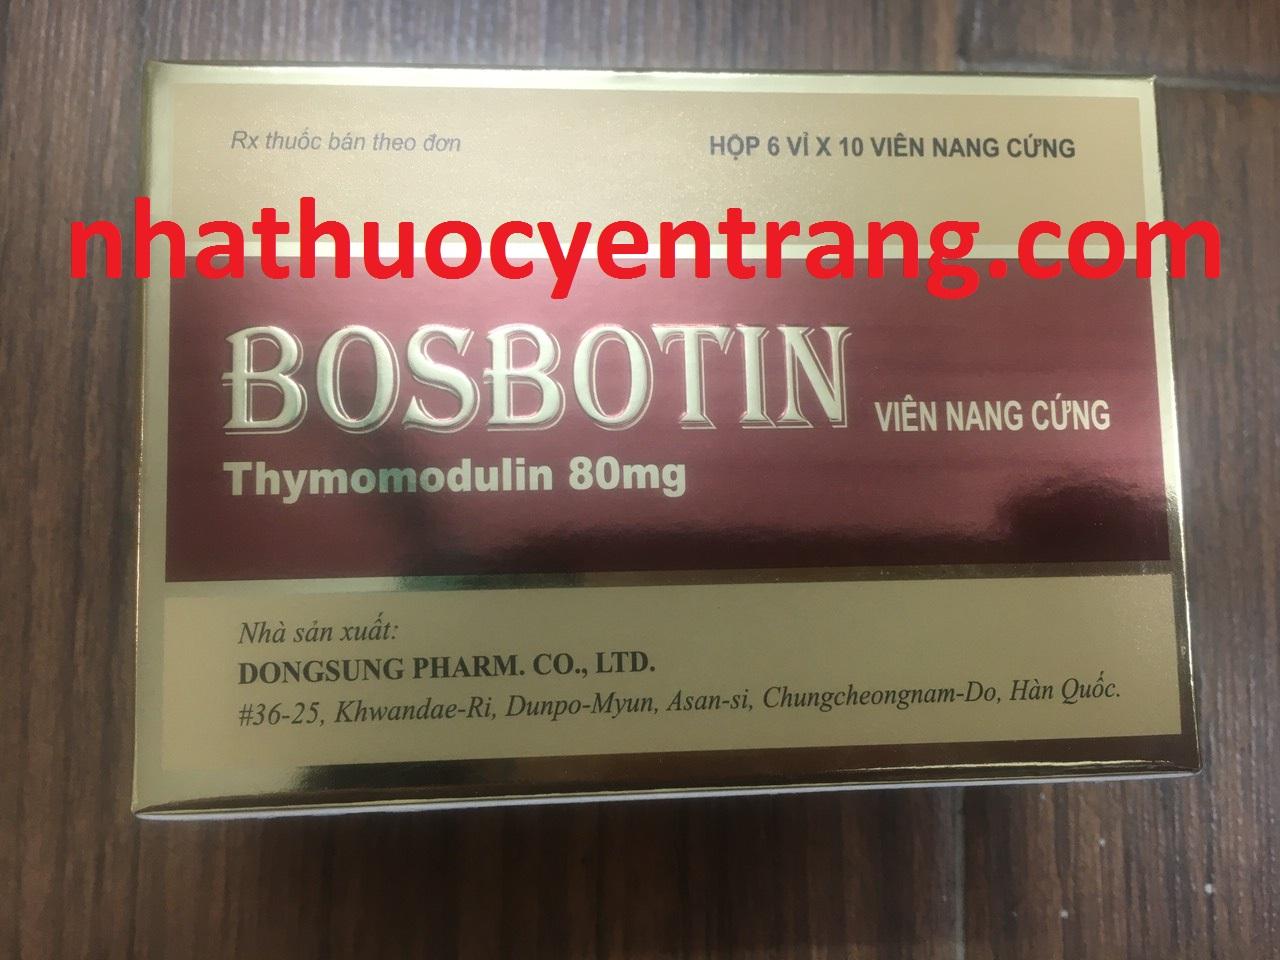 Bosbotin